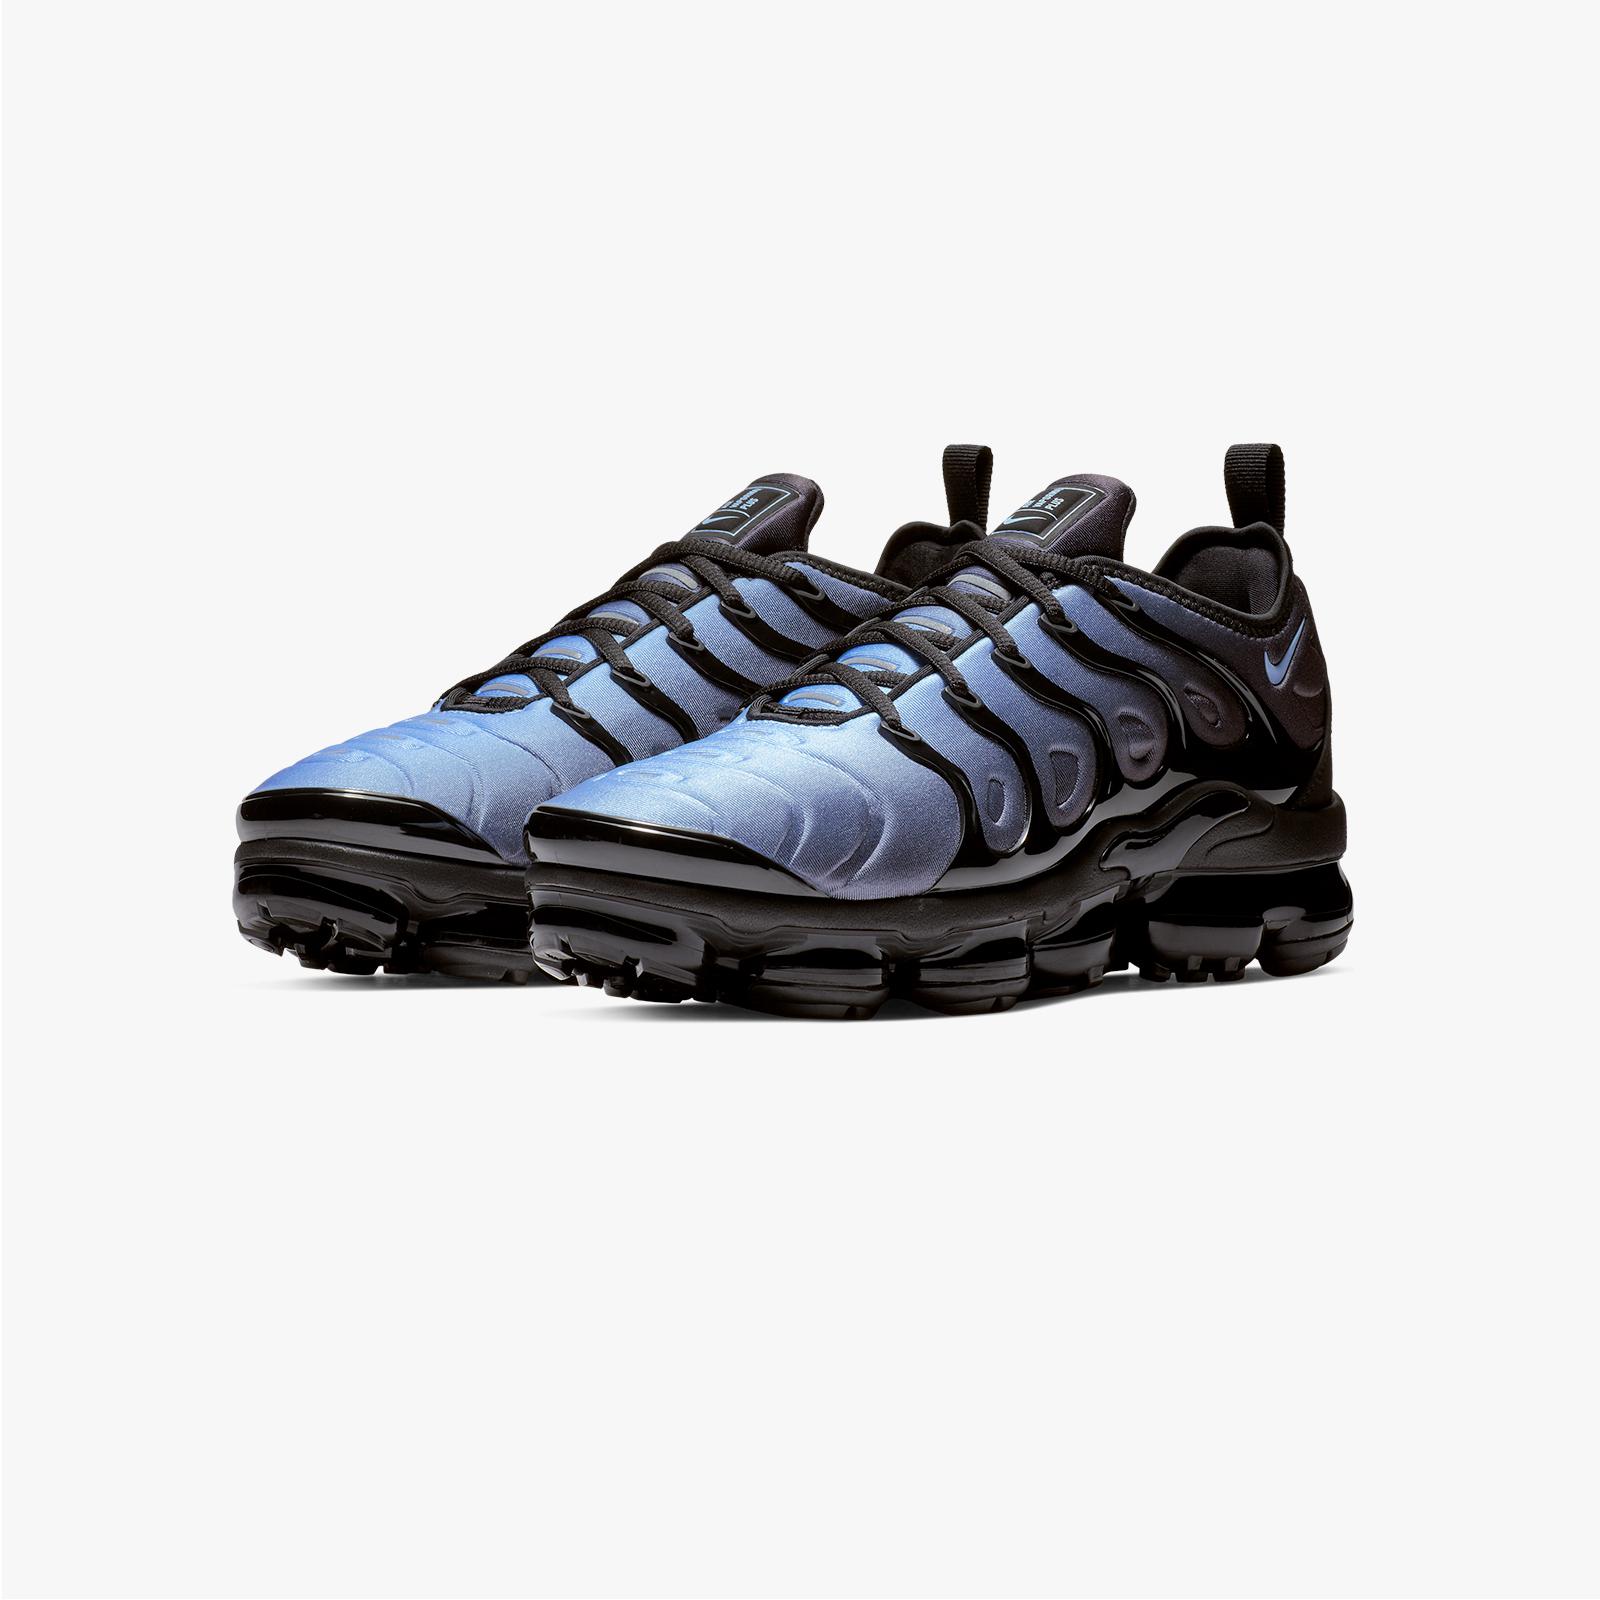 f5c3442ae6 Nike Air Vapormax Plus - 924453-018 - Sneakersnstuff | sneakers &  streetwear online since 1999